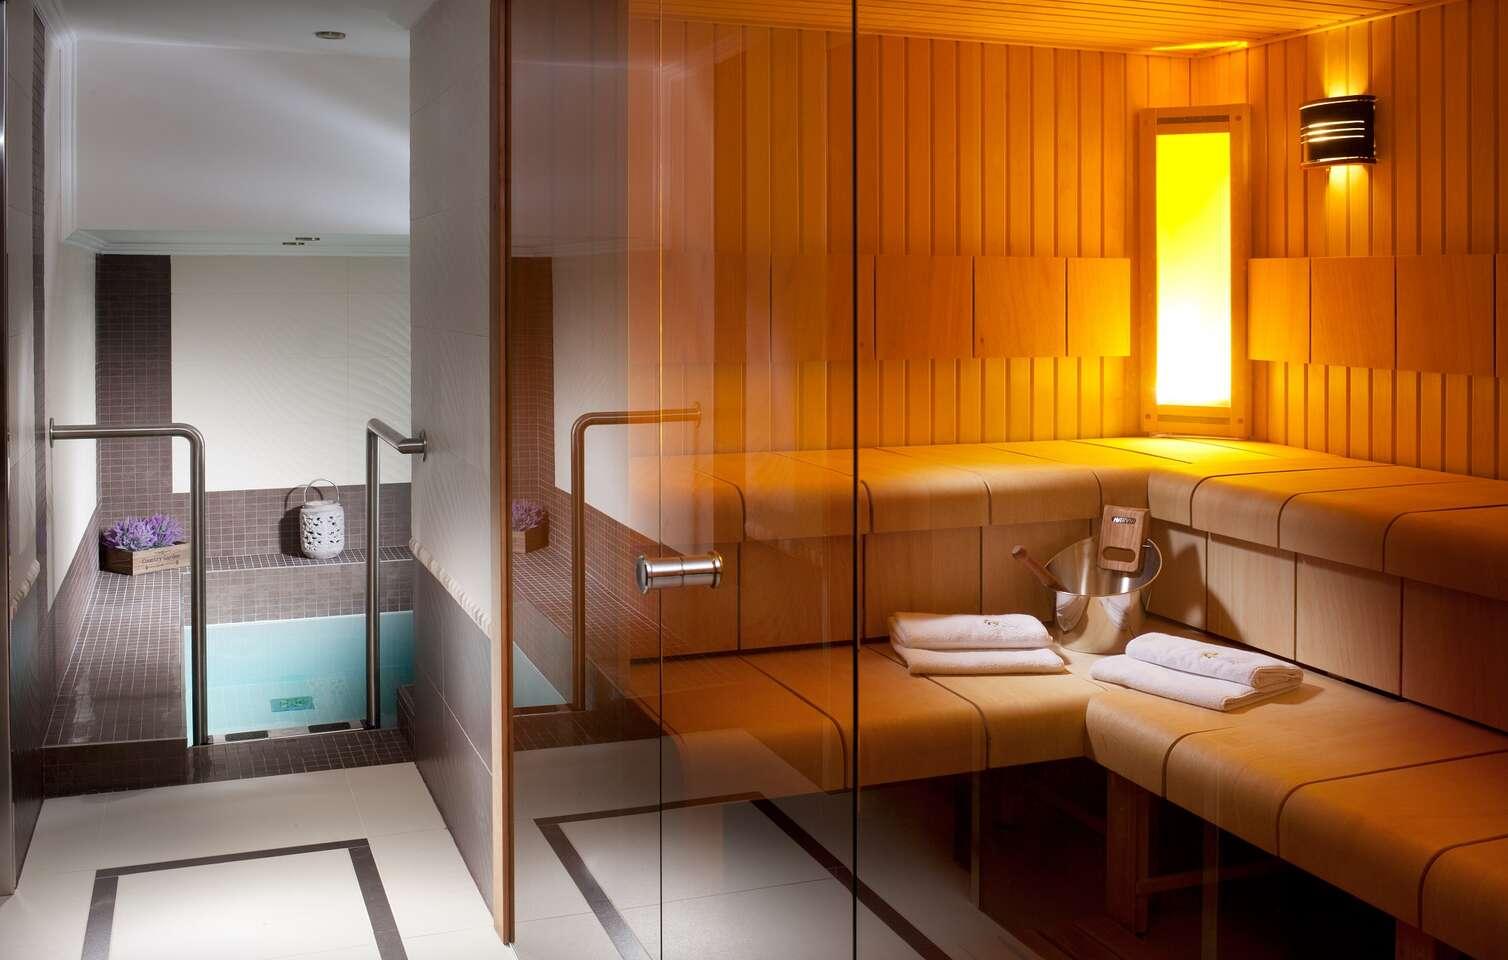 Zasloužený relax ve vyhlášeném hotelu Excelsior **** s neomezeným bazénem, římskými lázněmi, vybranými procedurami a polopenzí v Mariánských Lázních